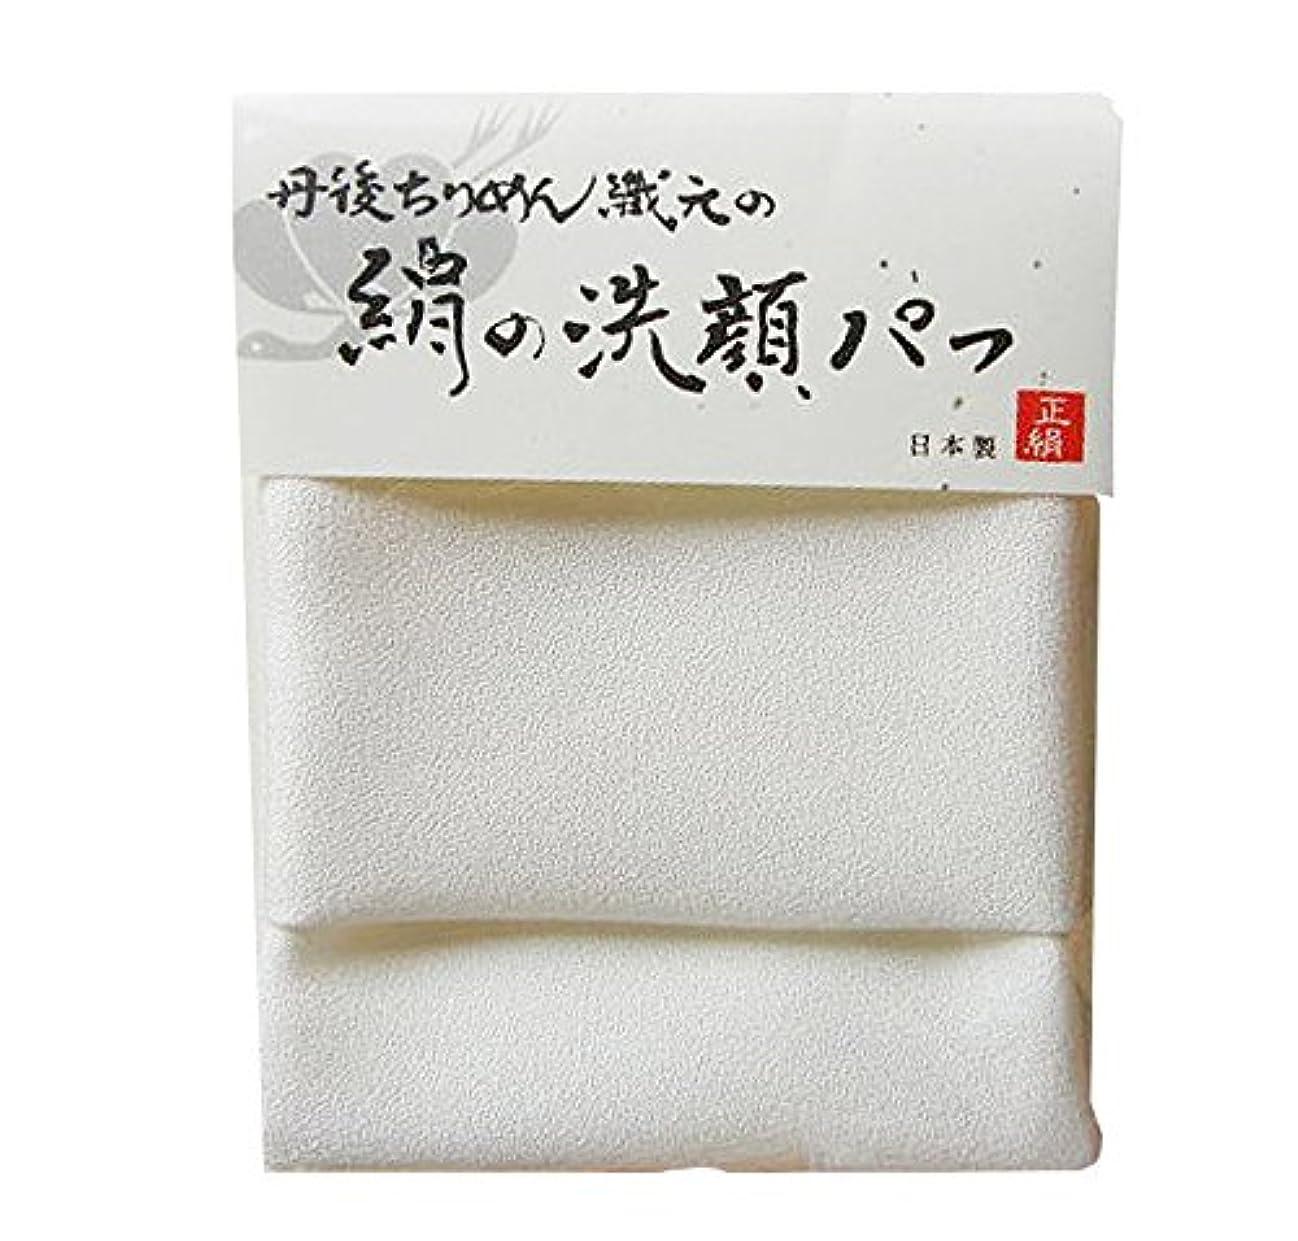 コミットメント測定計画【NHKイッピンで紹介!】丹後ちりめん織元の絹の洗顔パフ